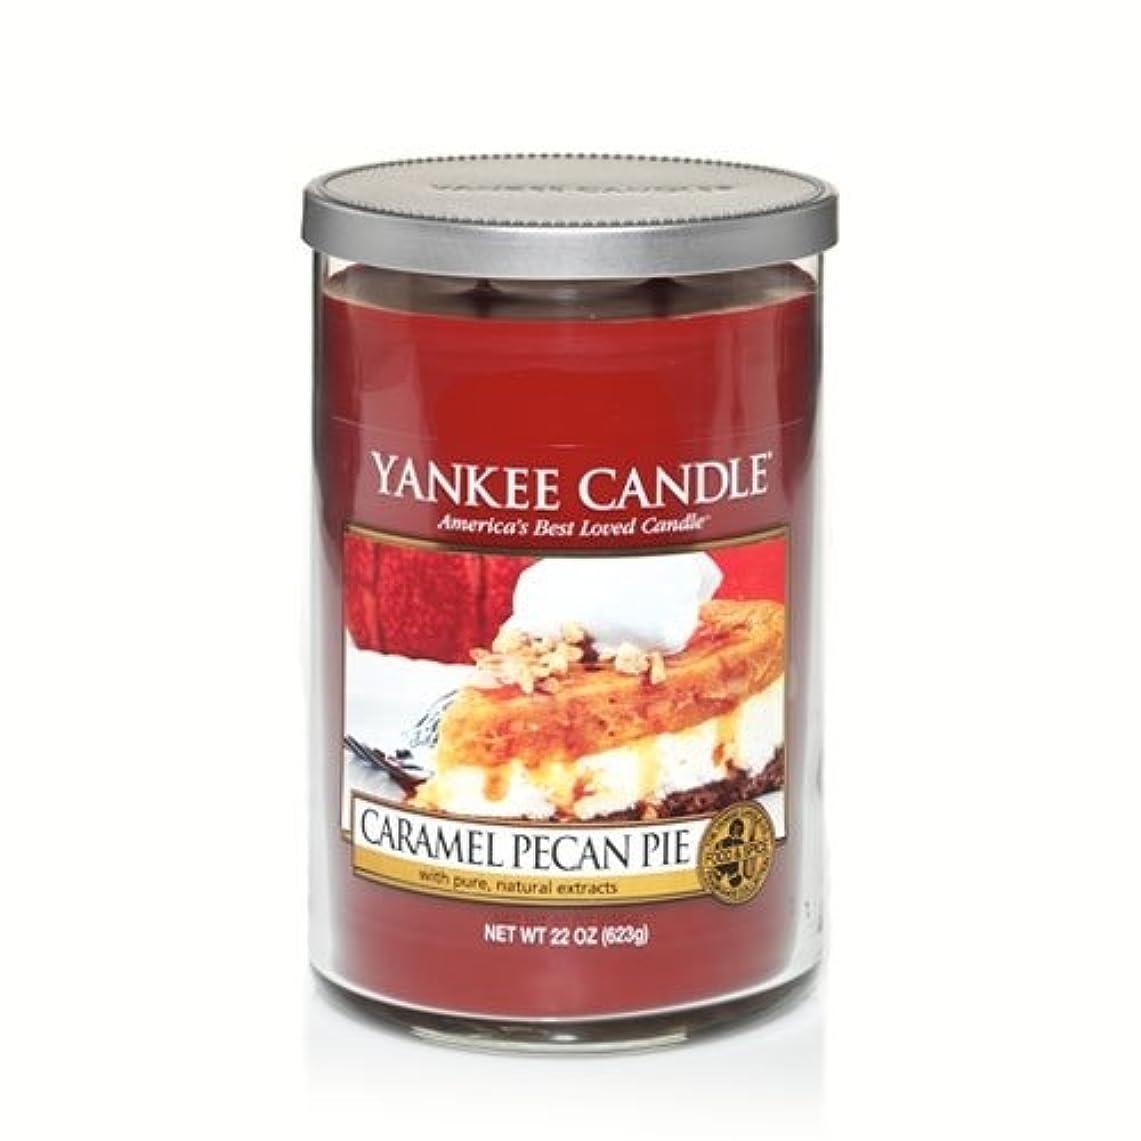 見捨てられた充実援助Yankee Candle Caramel Pecan Pie , Food & Spice香り Large Tumbler Candles 1245593-YC